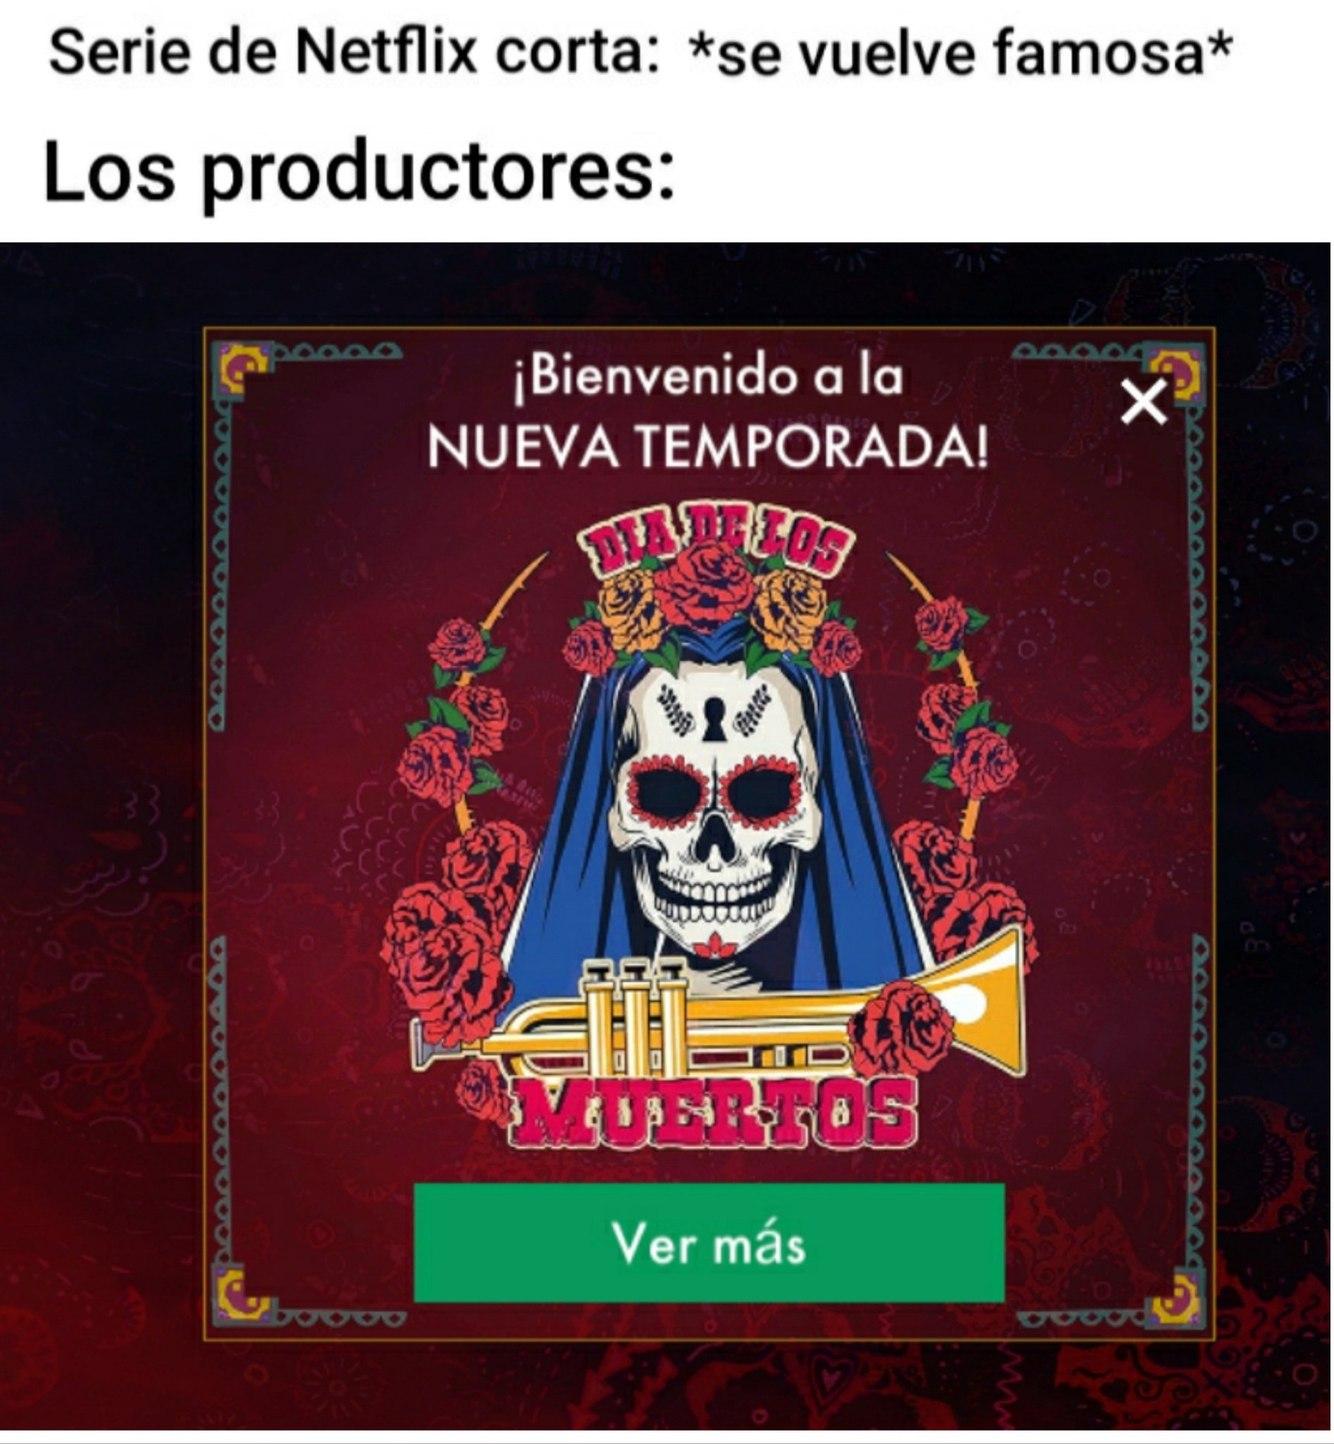 La imagen es de la nueva temporada de un juego - meme